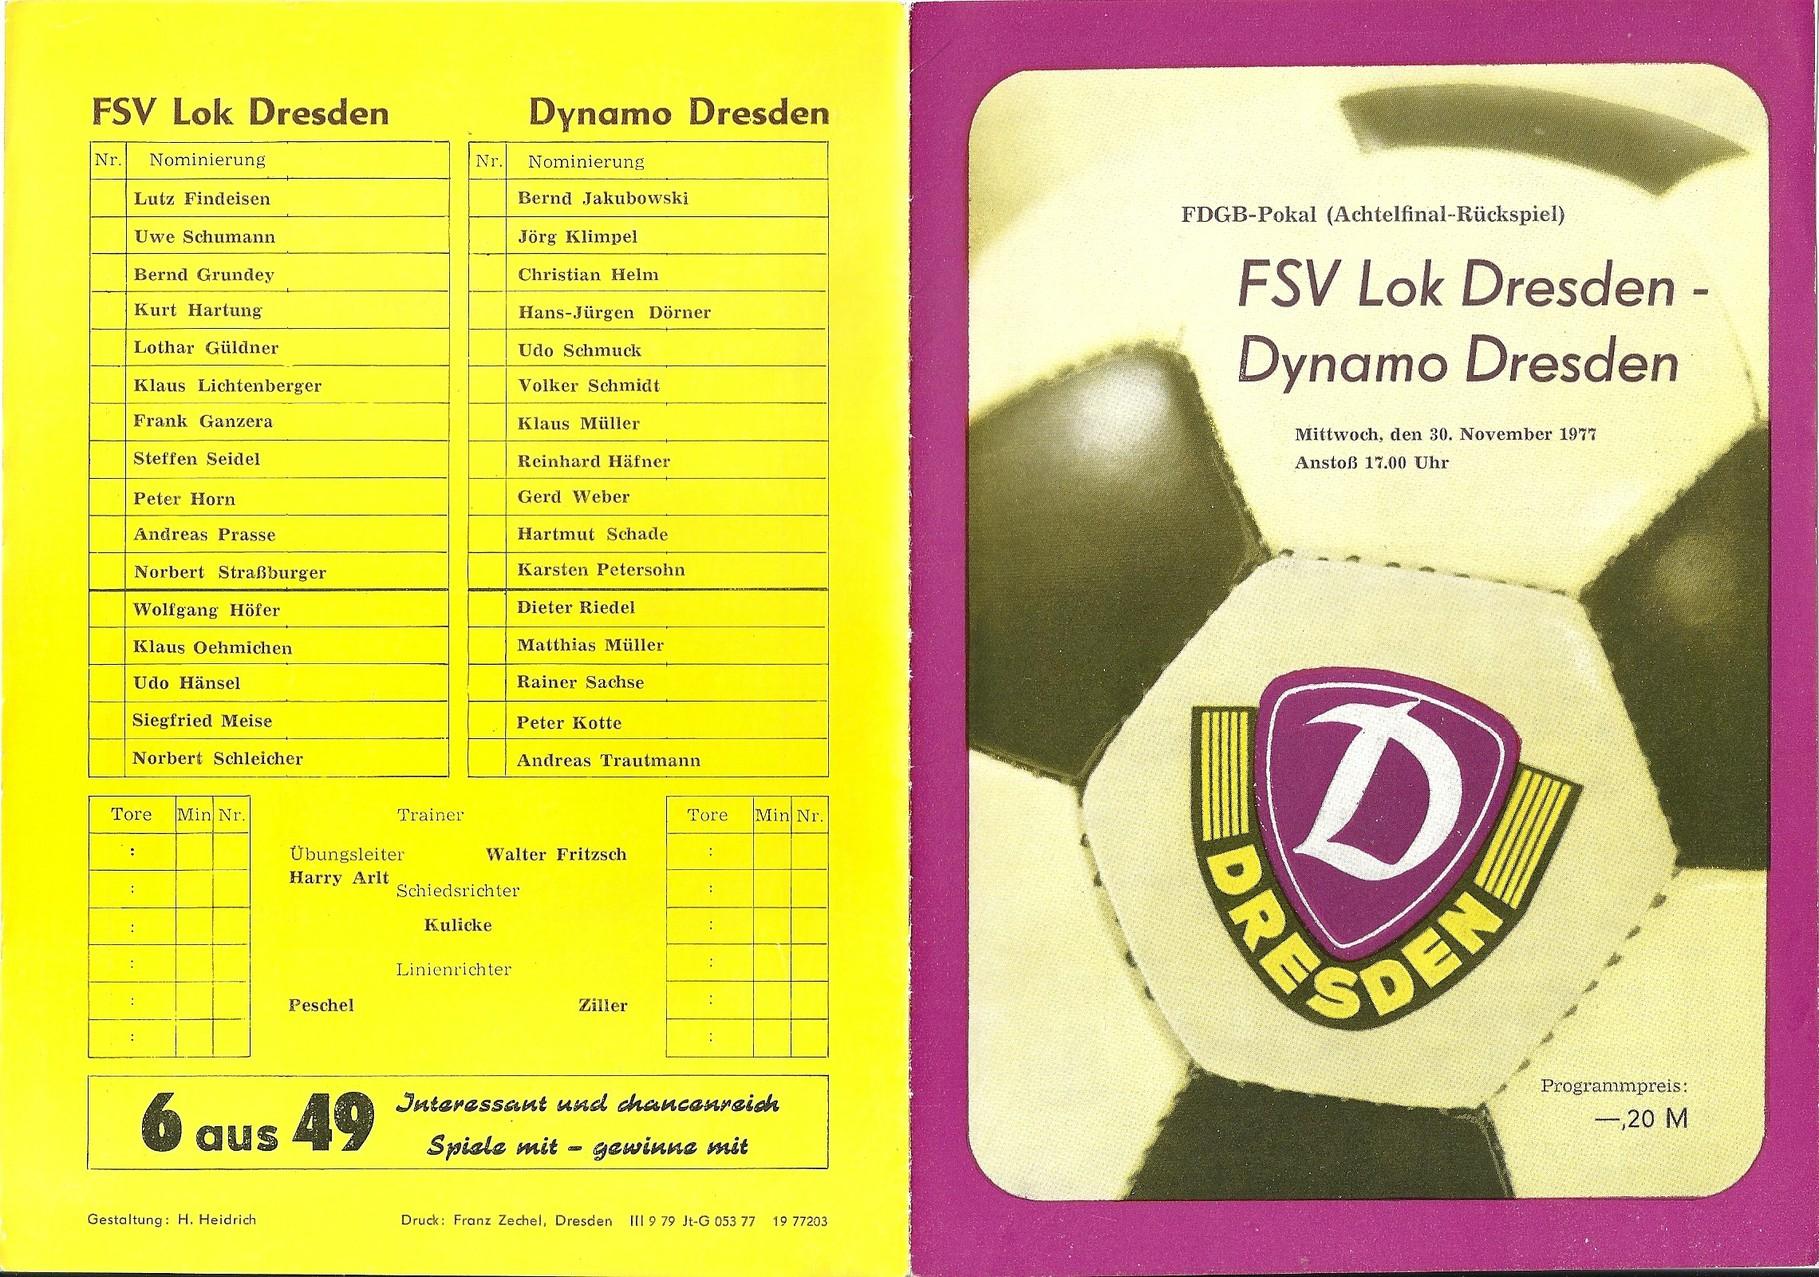 Dynamo Dresden - Die Online-Ausstellung zum Sportclub!